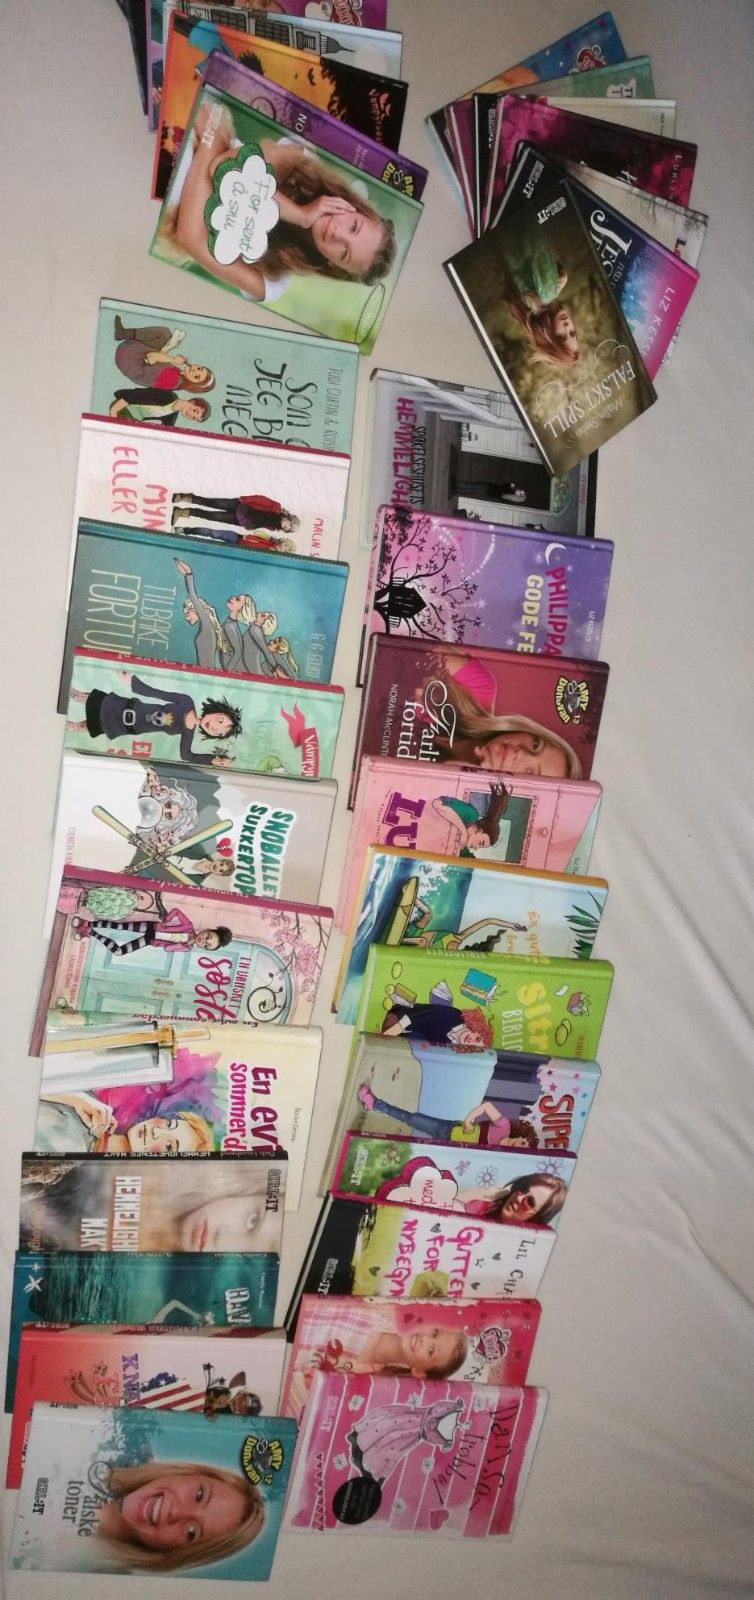 37 bøker, passer jente fra ca 10 år. - Flateby  - 37 bøker, som nye, selges. 300 for alle. Passer for jenter ca 10-13 år. - Flateby